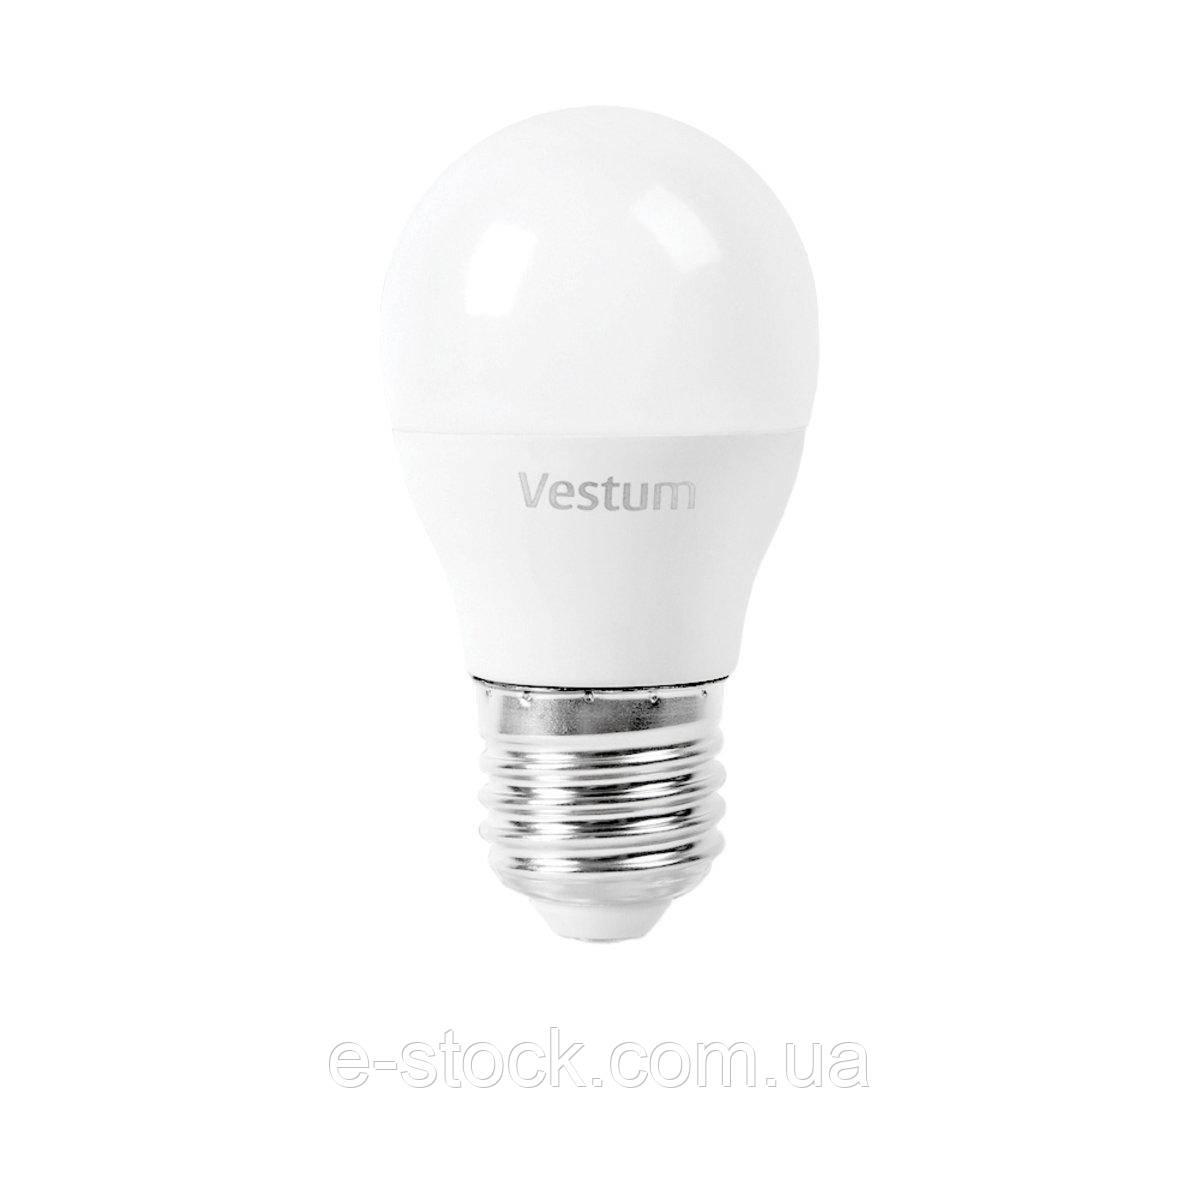 Лампа LED Vestum G45 8W 3000K 220V E27